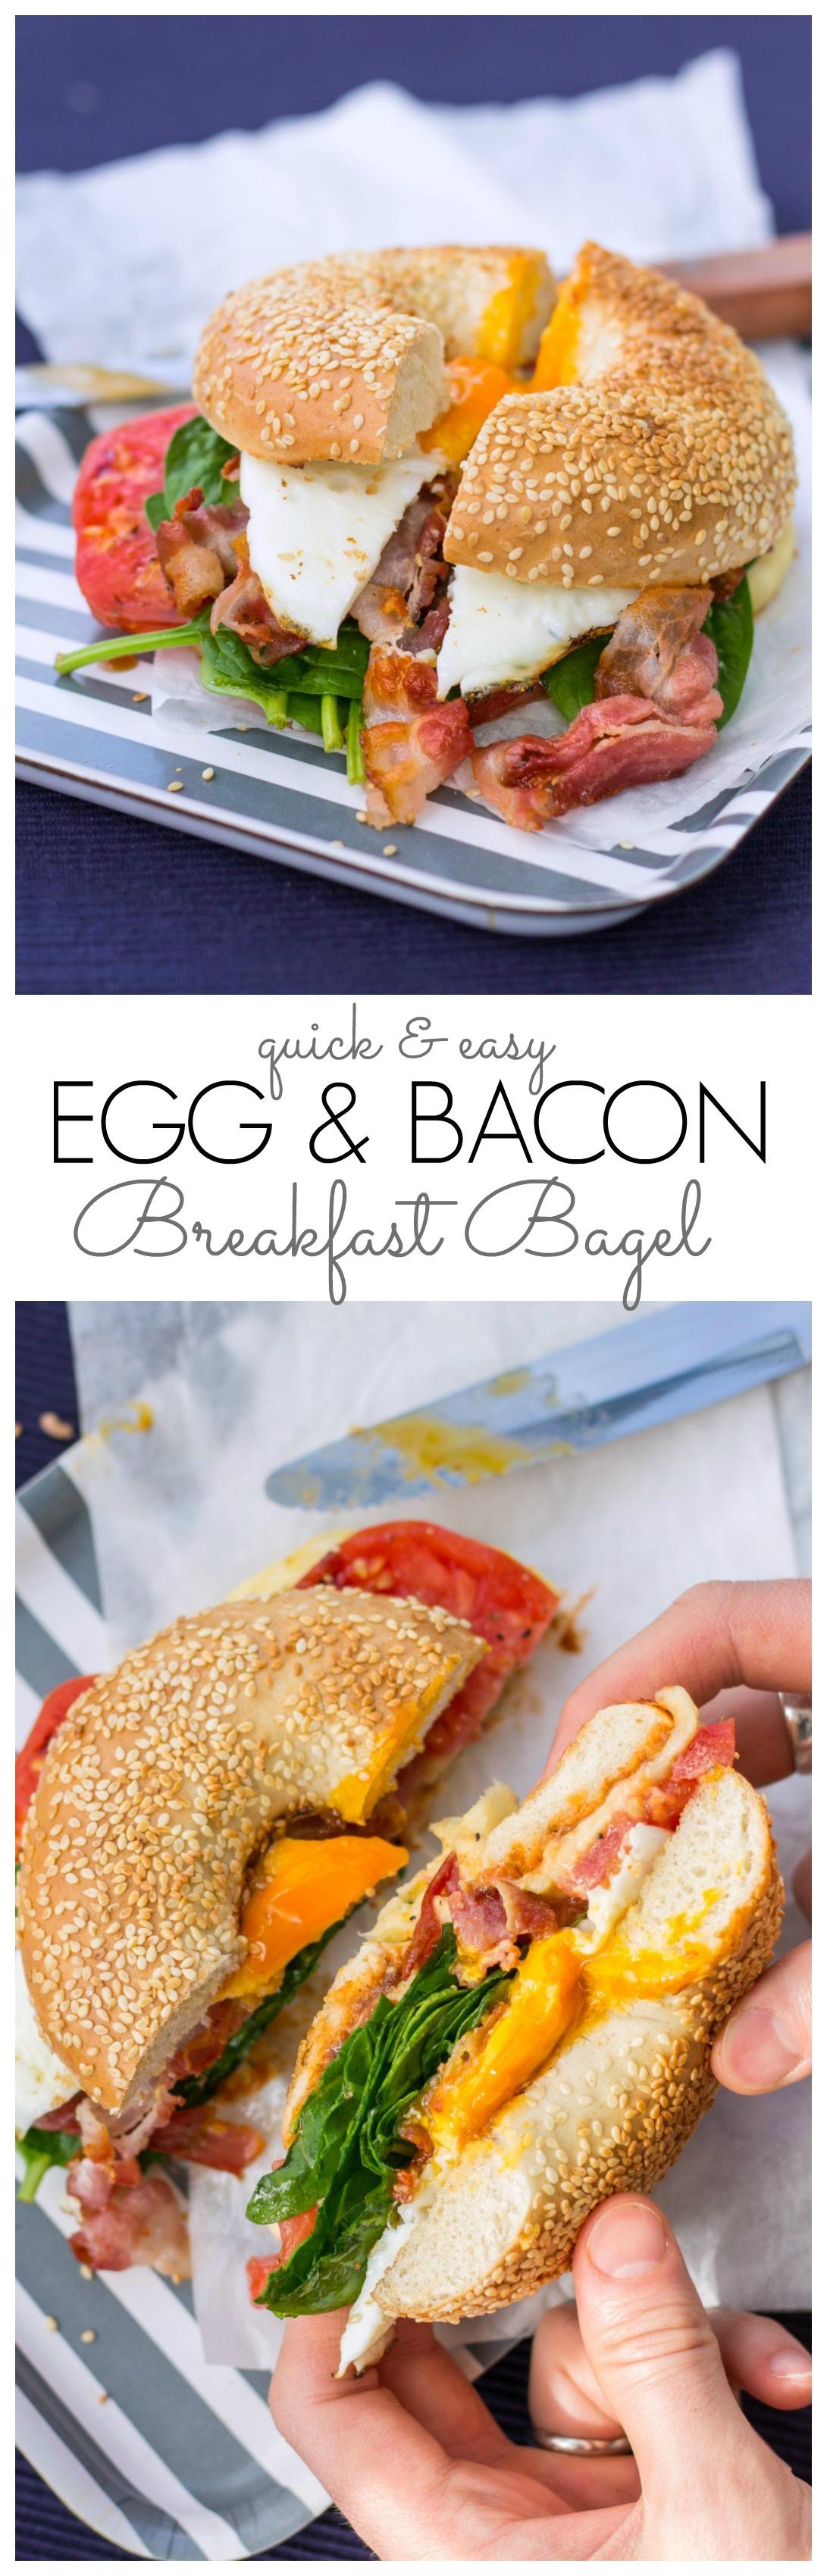 egg & bacon breakfast bagel